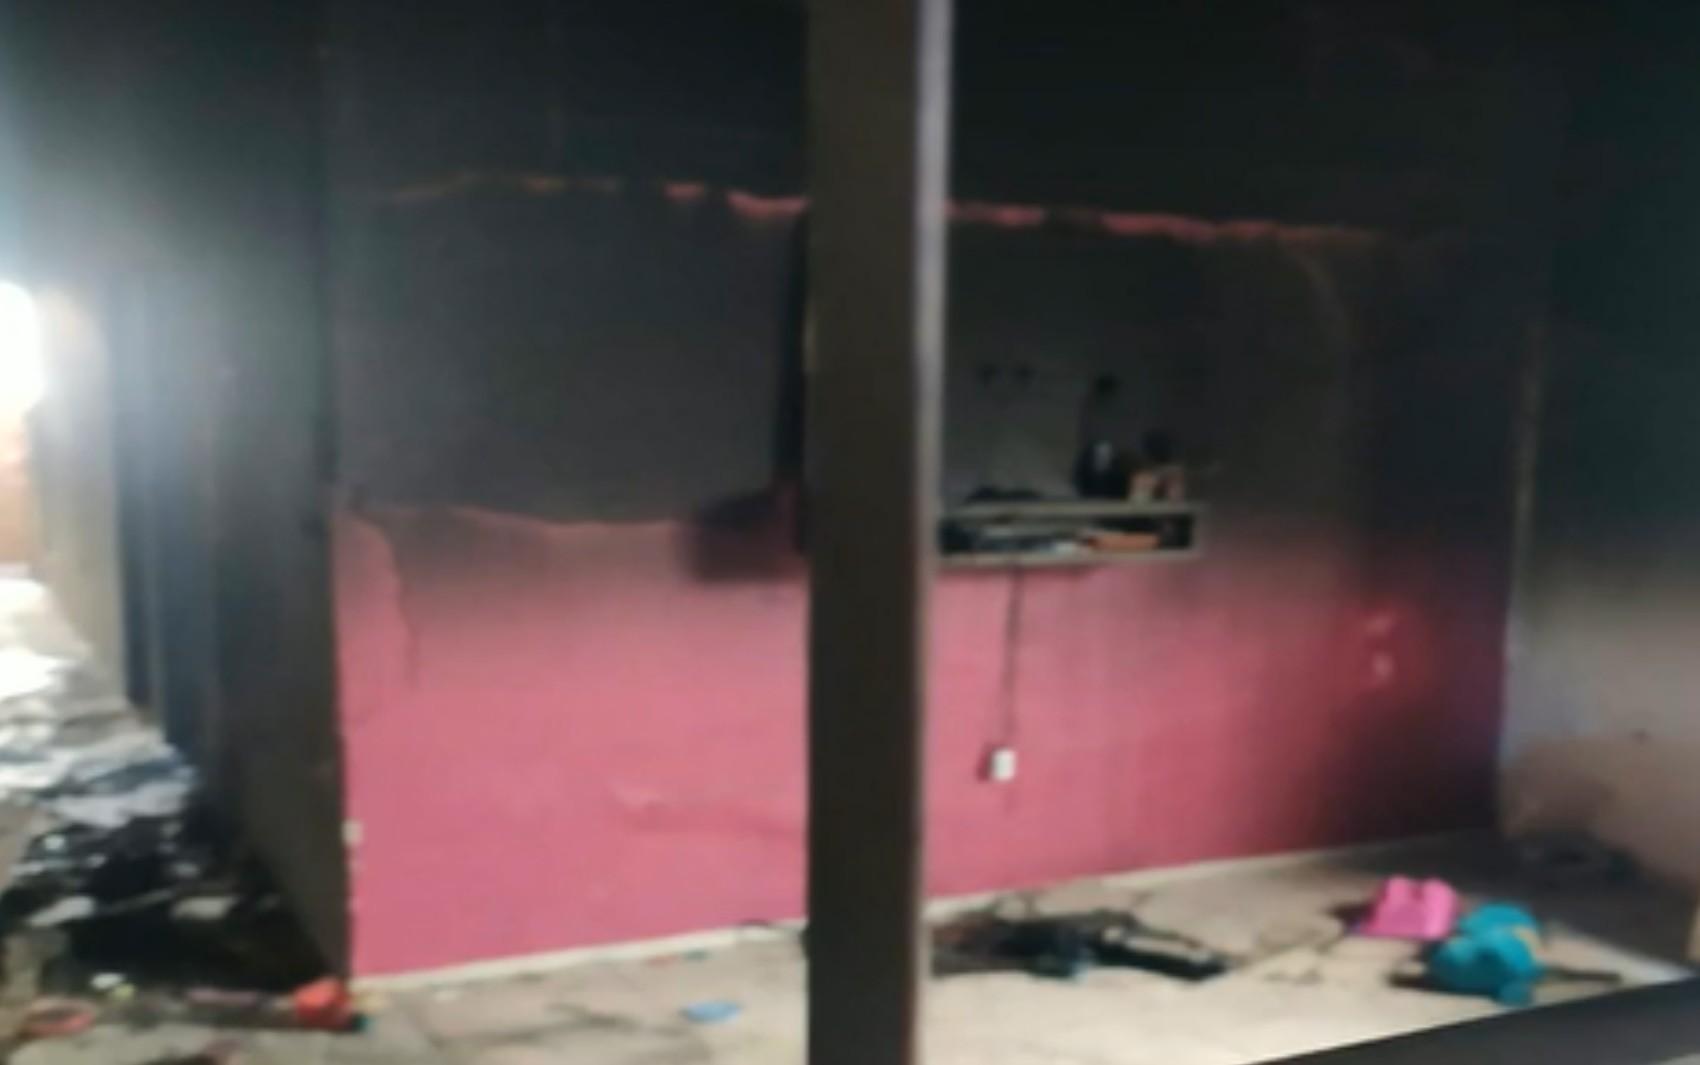 Polícia prende suspeito de incendiar casa da ex com os filhos dentro, em Novo Gama